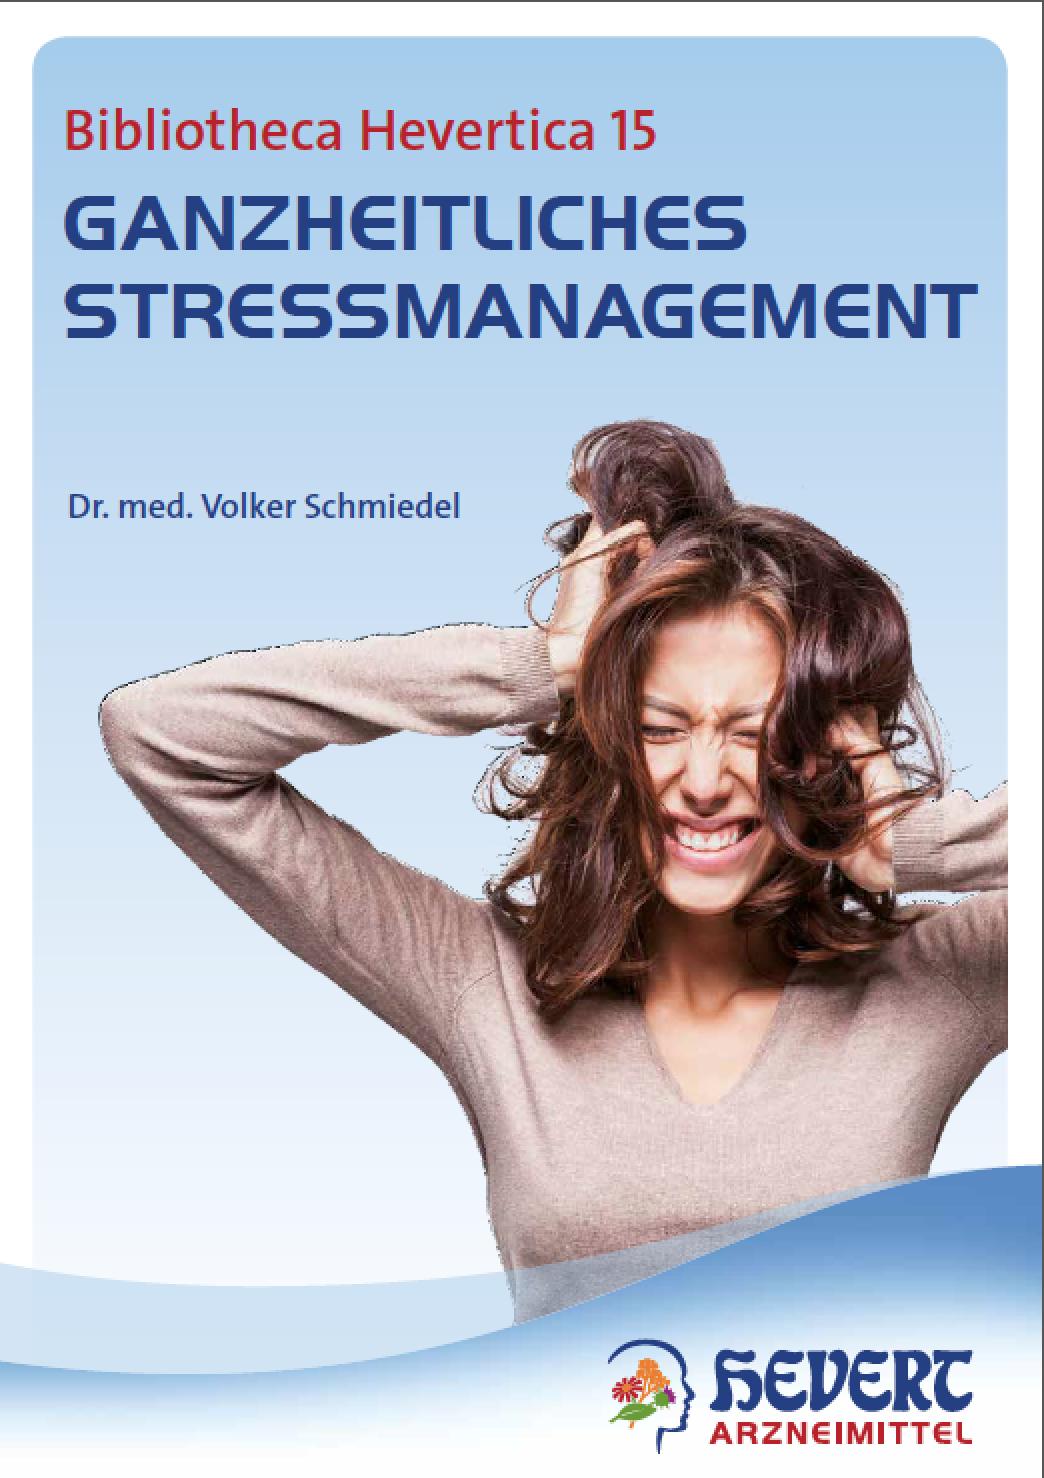 cover_bibliotheca-hevert-15_ganzheitliches-stressmanagement